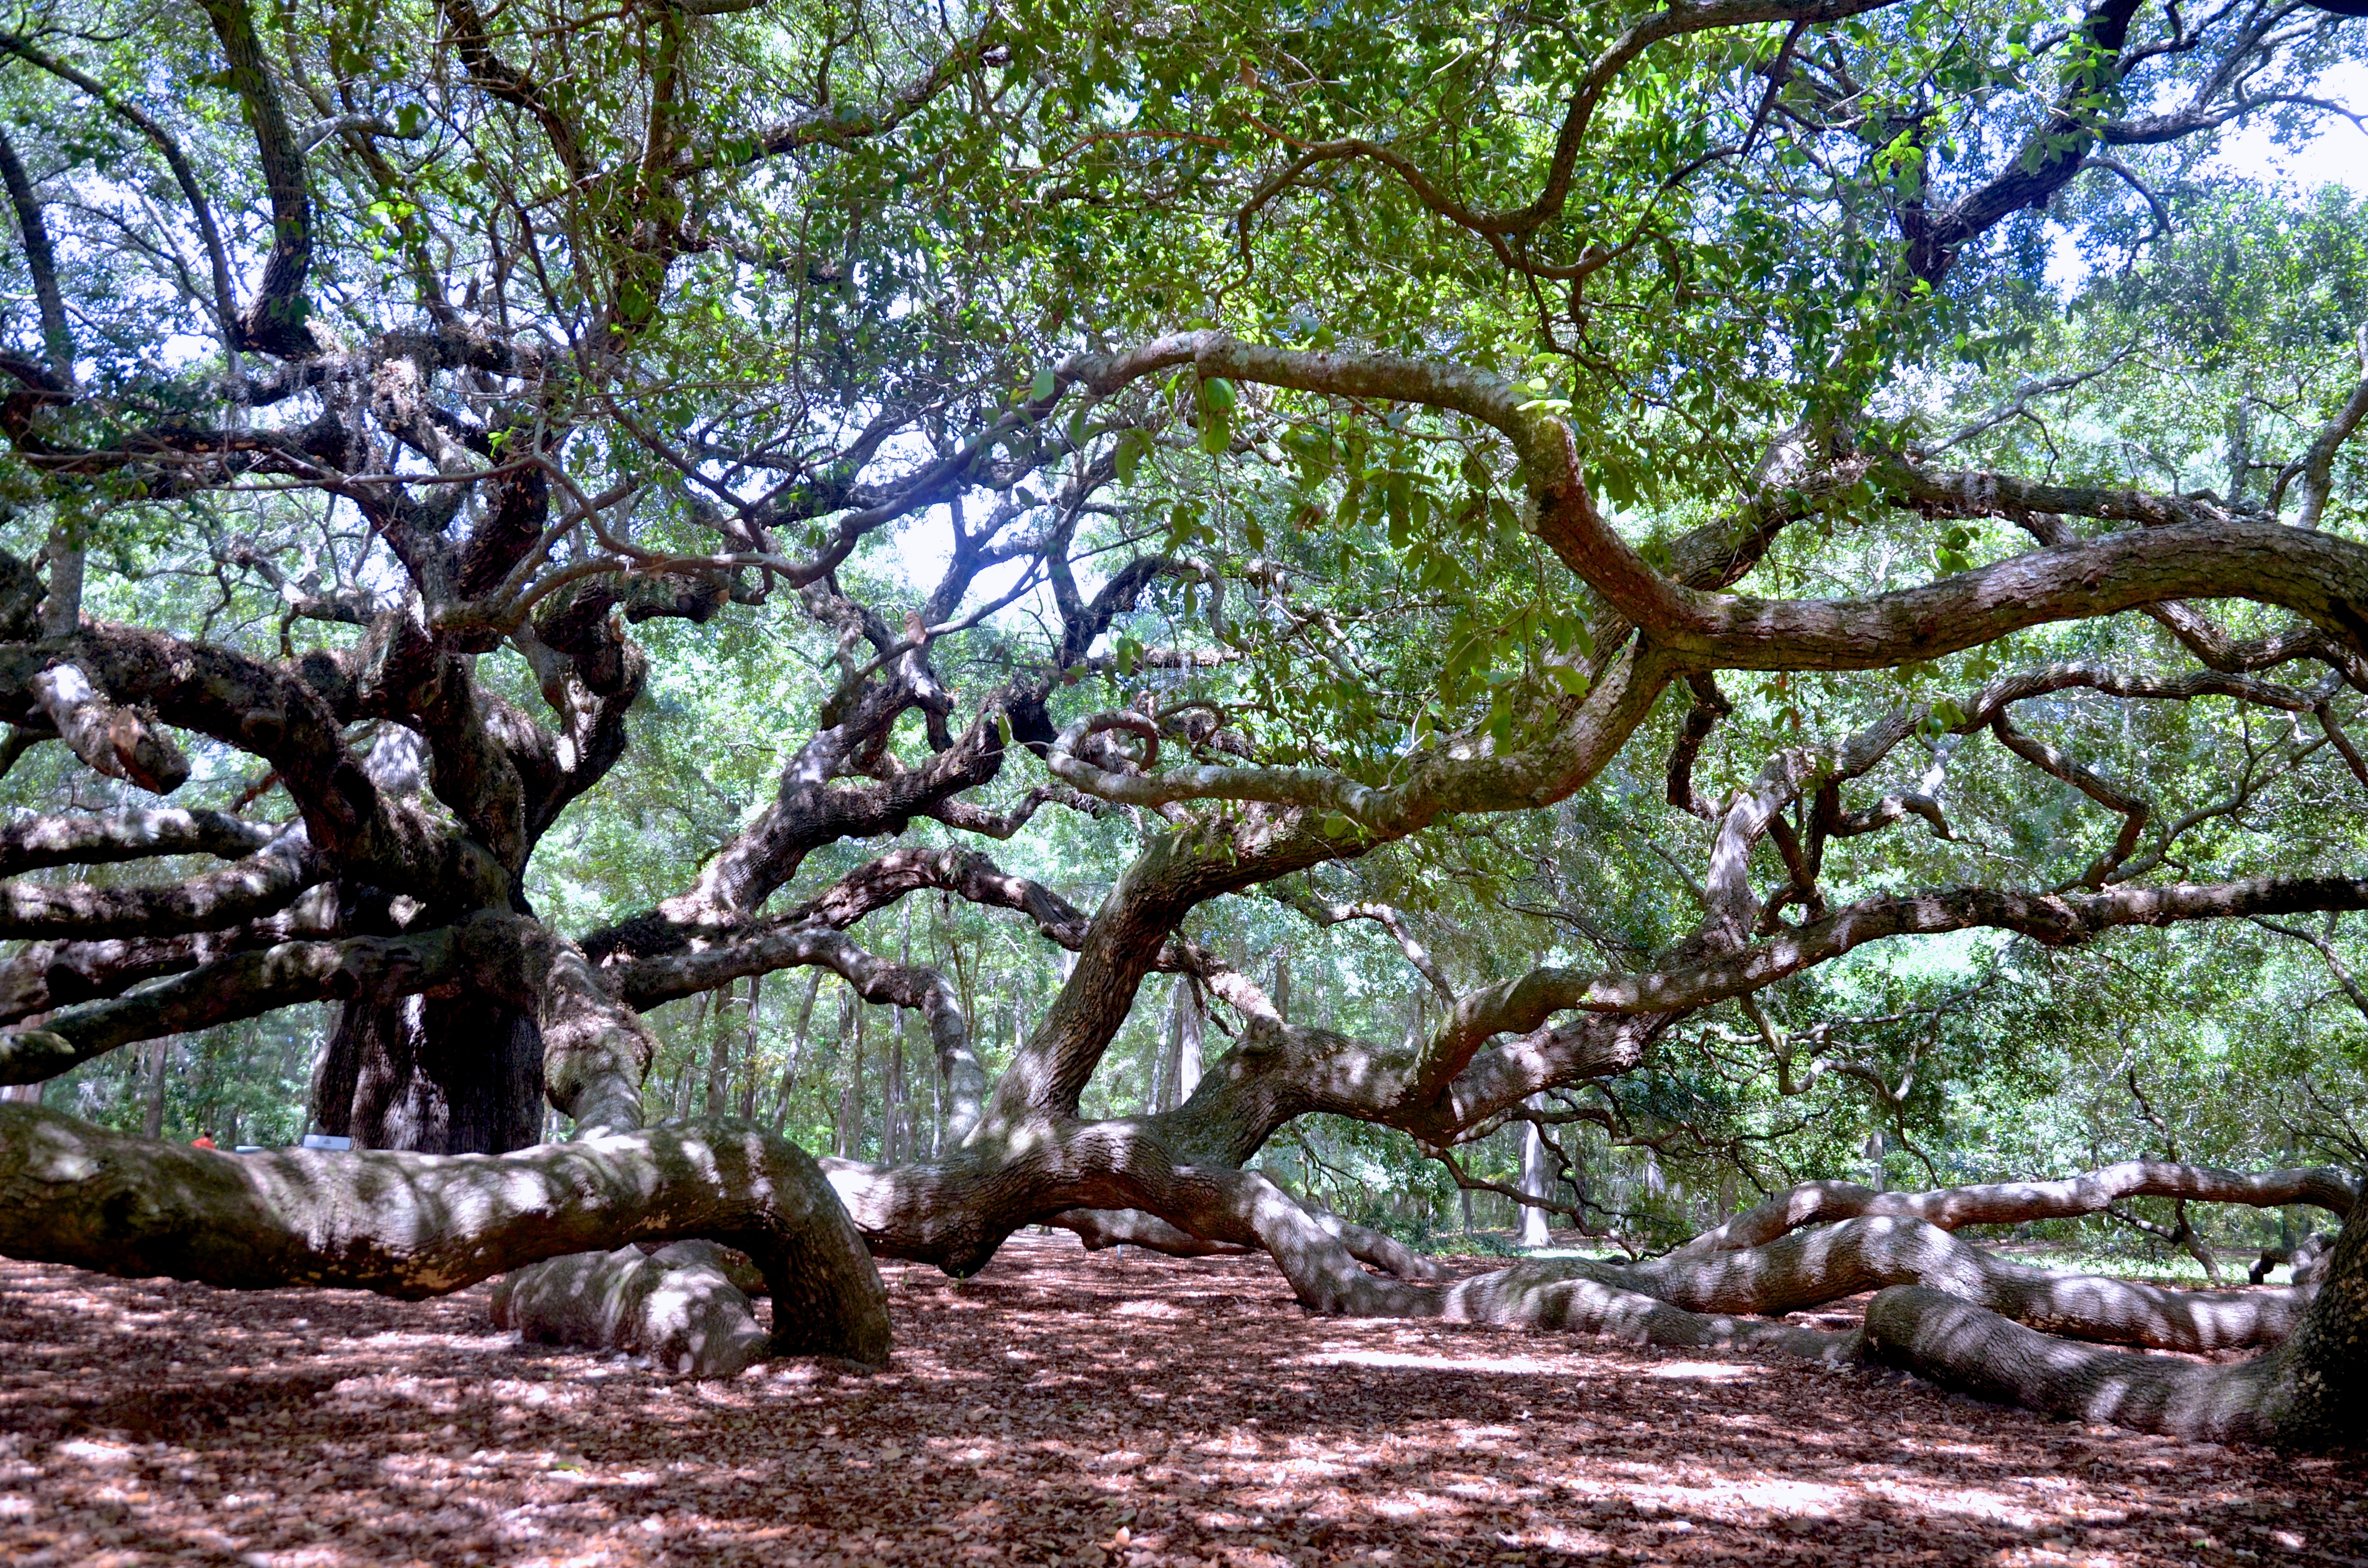 Angel Oak Tree; Johns Island, South Carolina